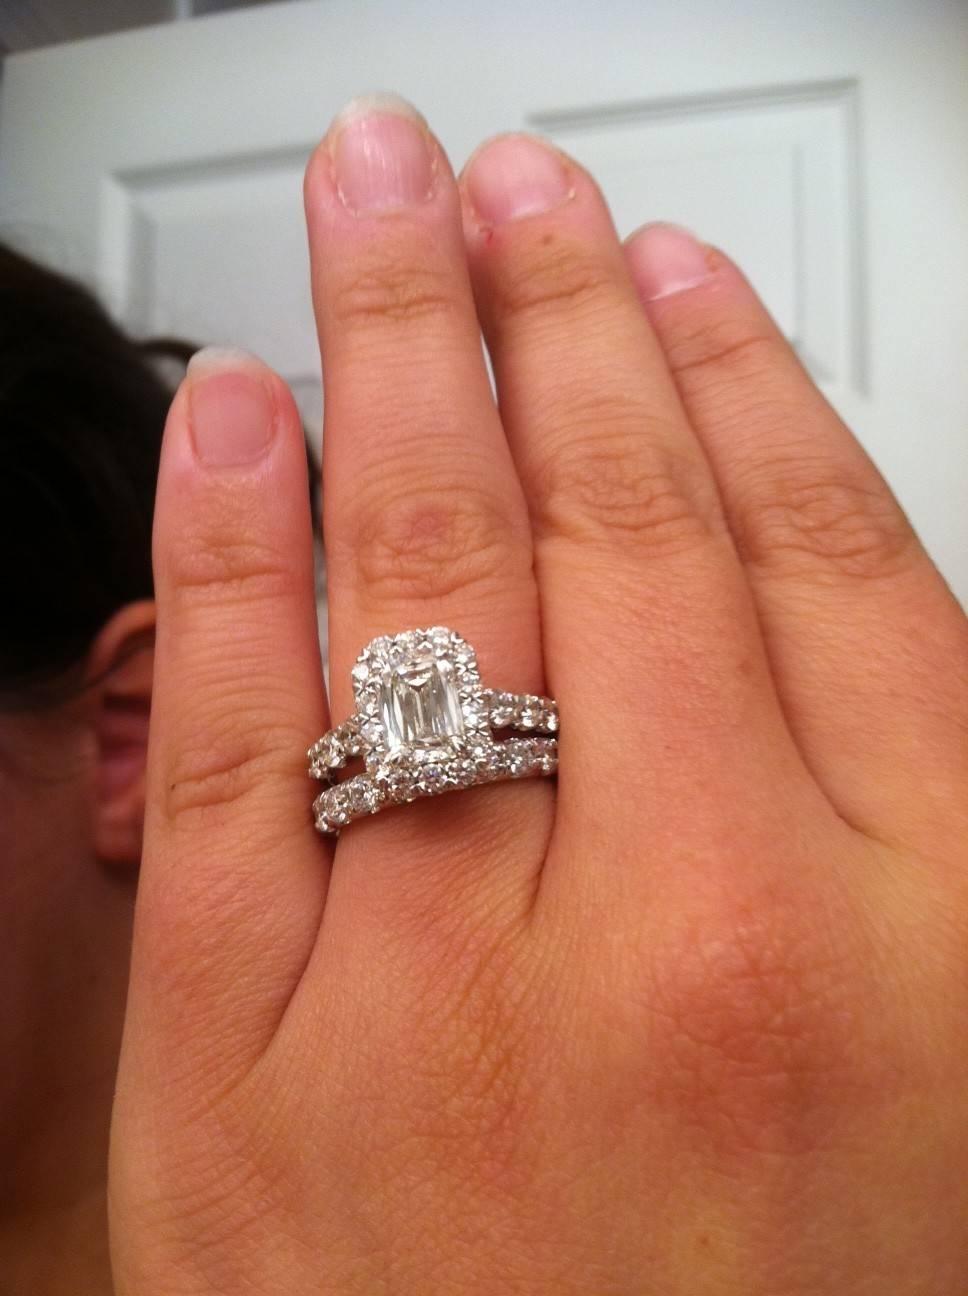 Fullsize Of 15 Carat Diamond Ring